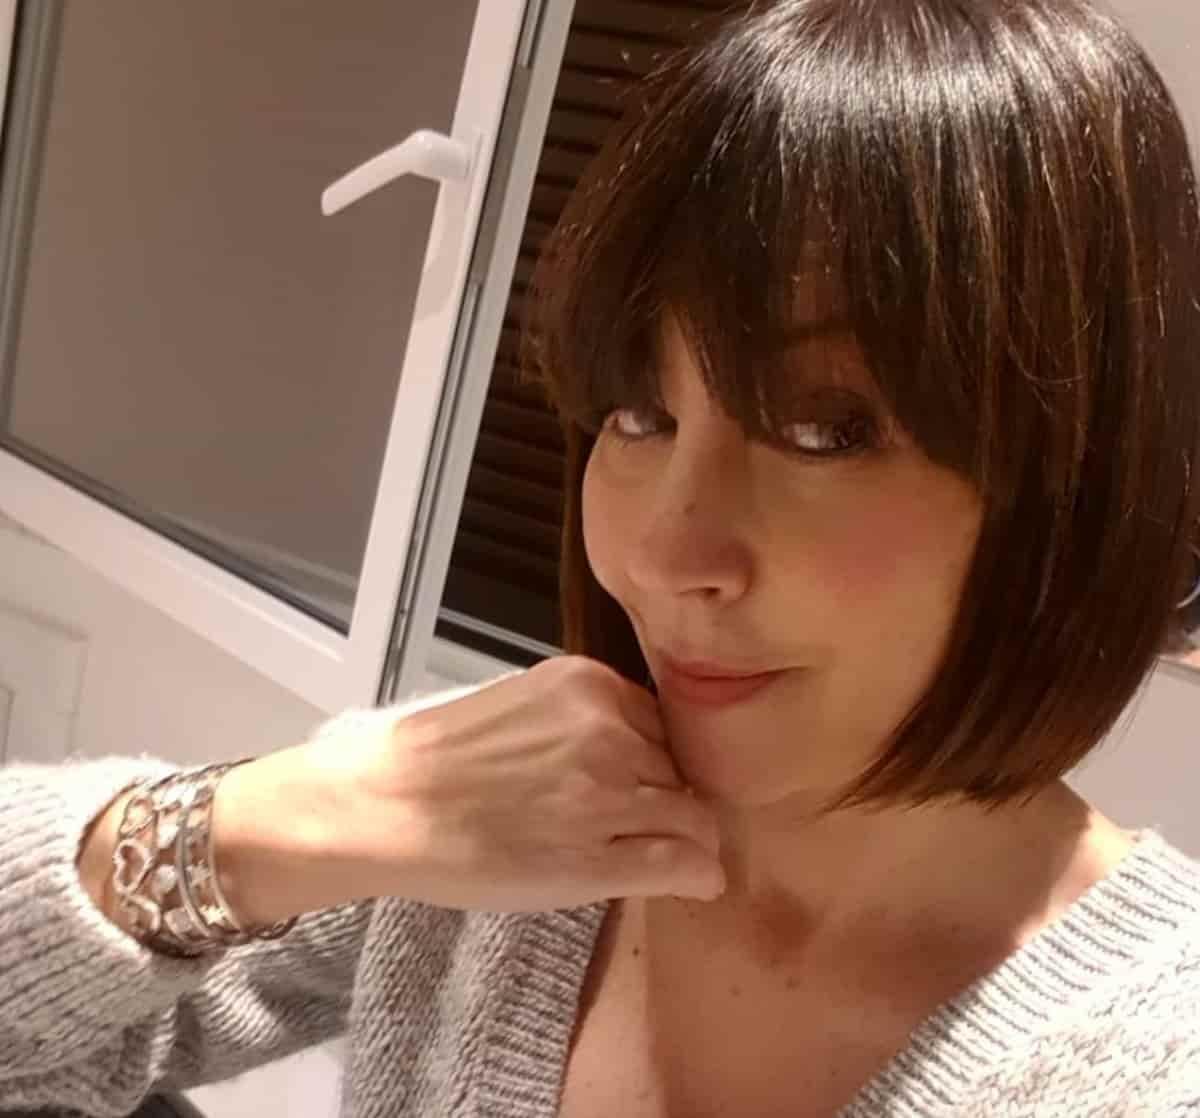 Erica Hauser di Uomini e Donne morta nel sonno a 44 anni